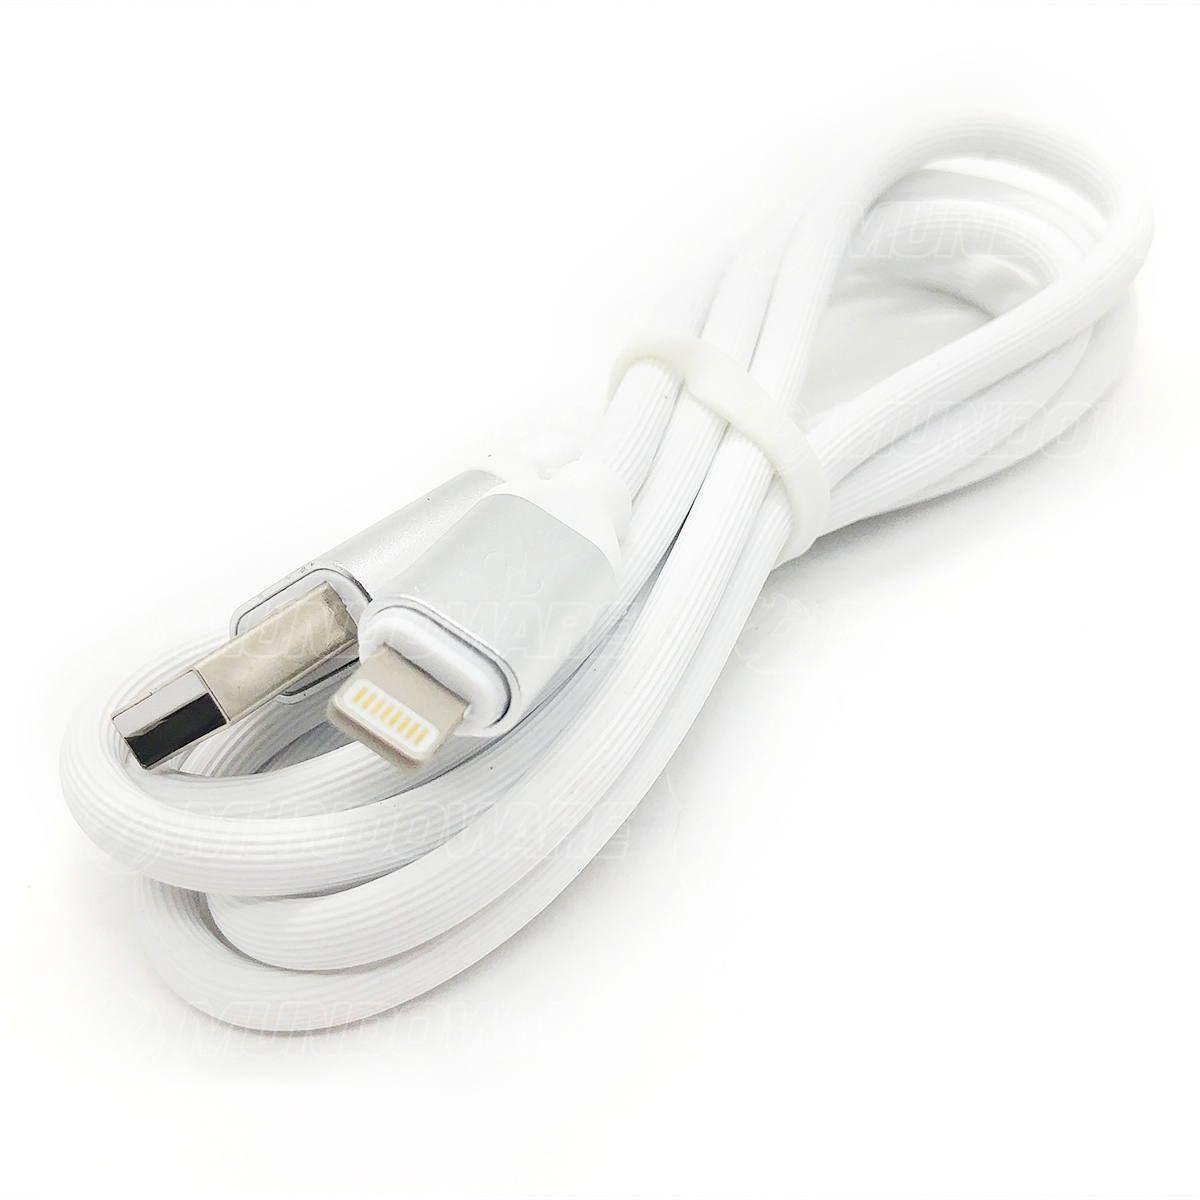 Cabo Lightning em Silicone Flexível Branco com Conector em Metal Resistente 120cm